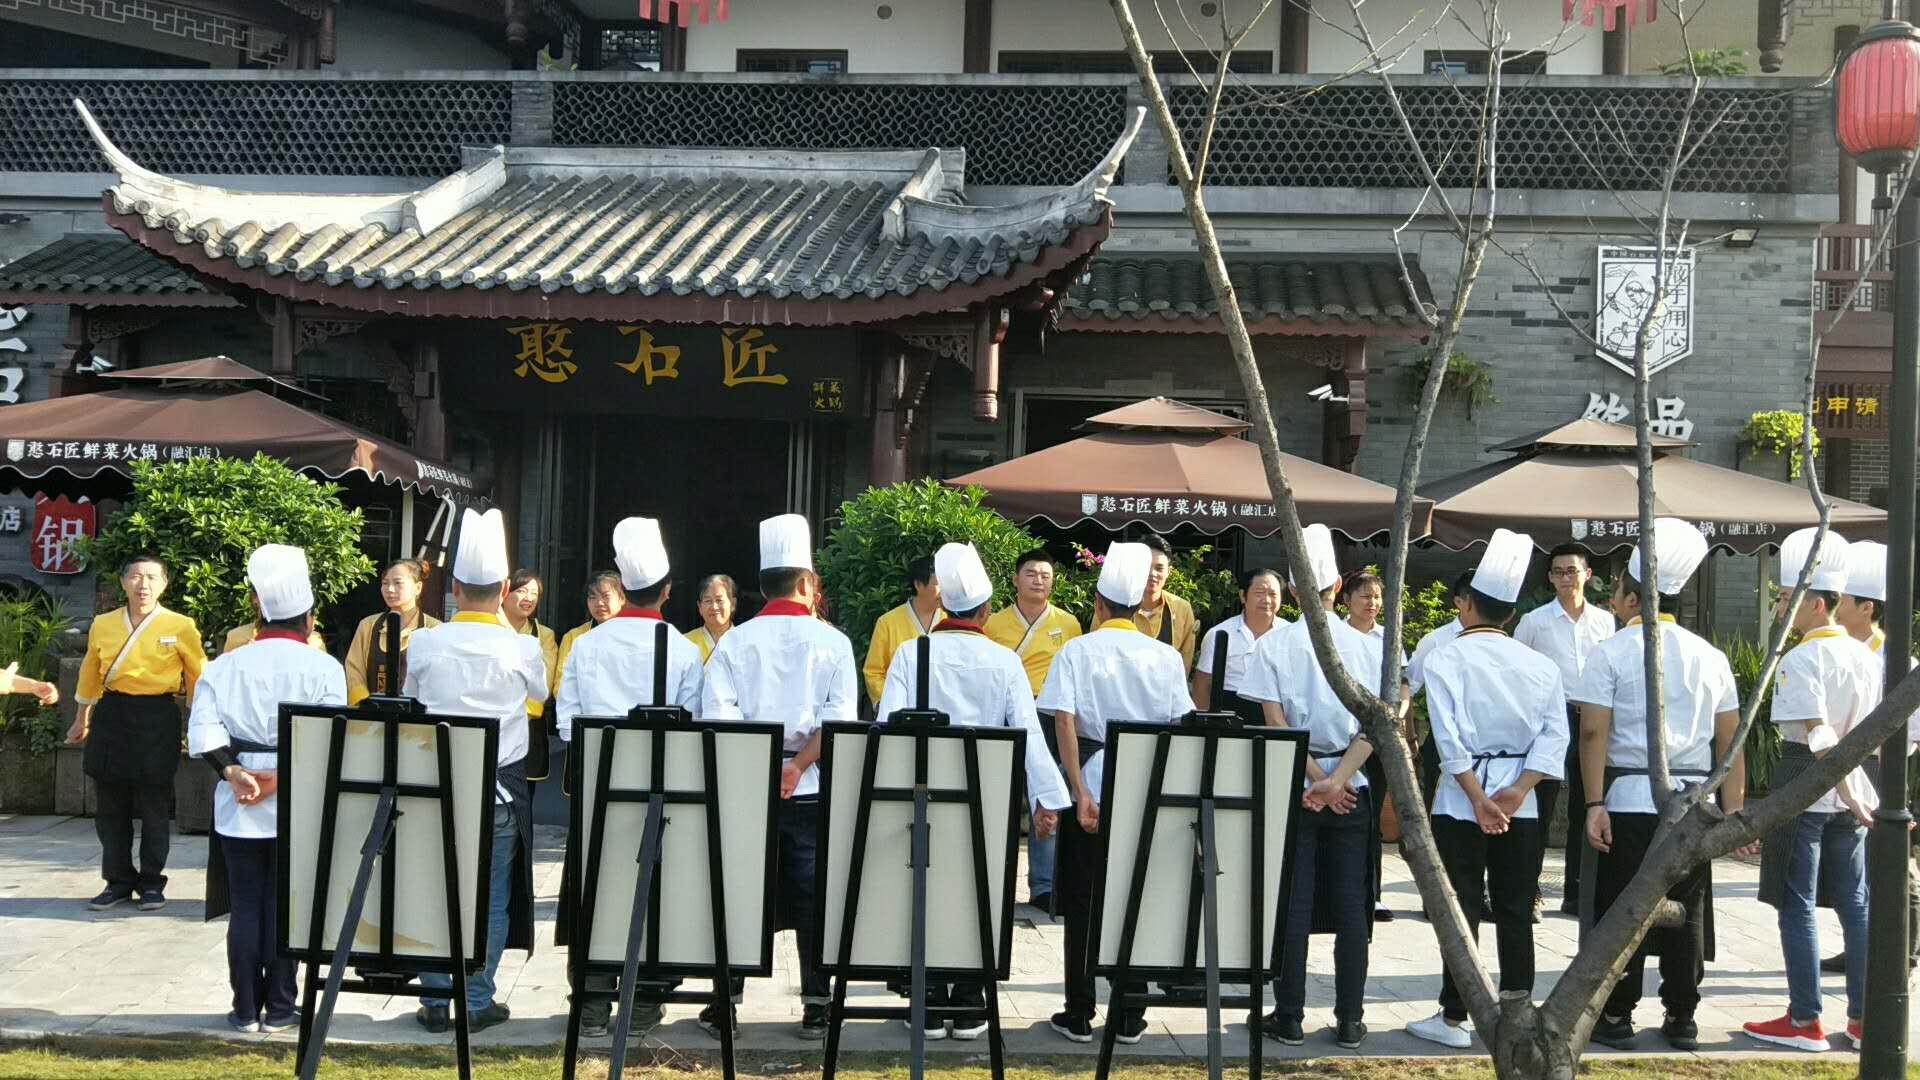 重庆火锅加盟需要考虑哪些条件_憨石匠鲜菜火锅加盟